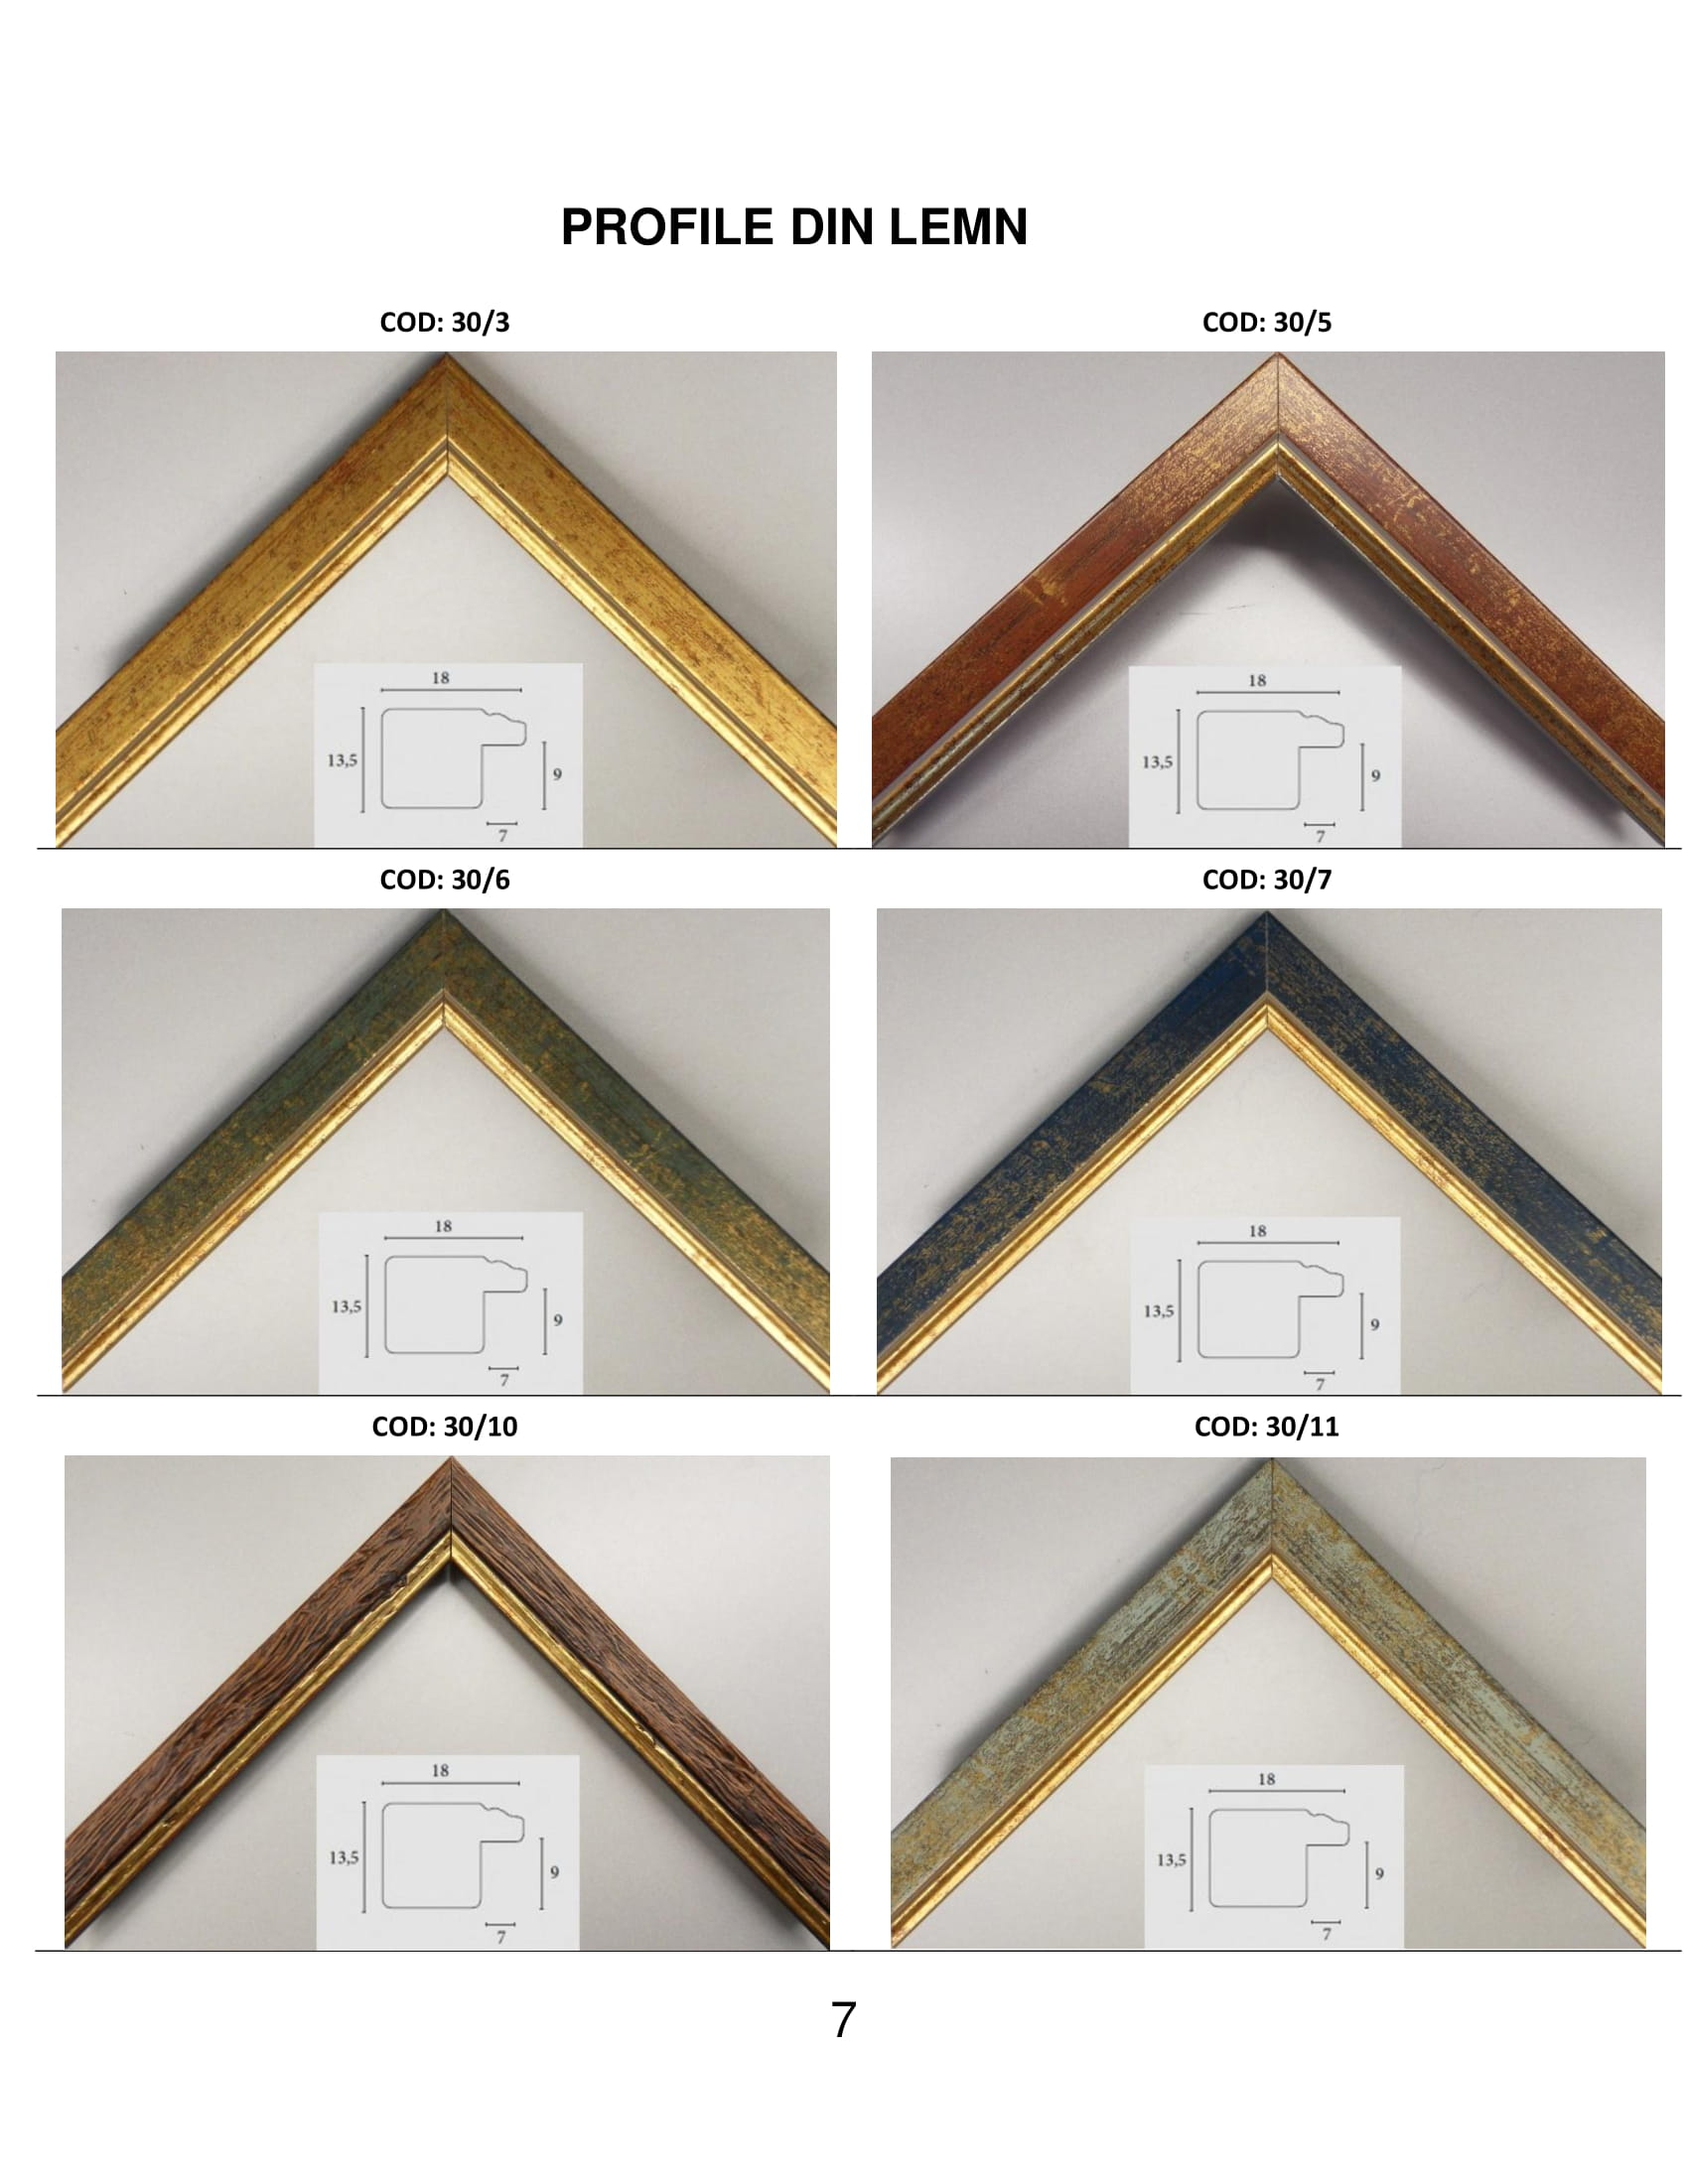 rame profile din lemn - 7